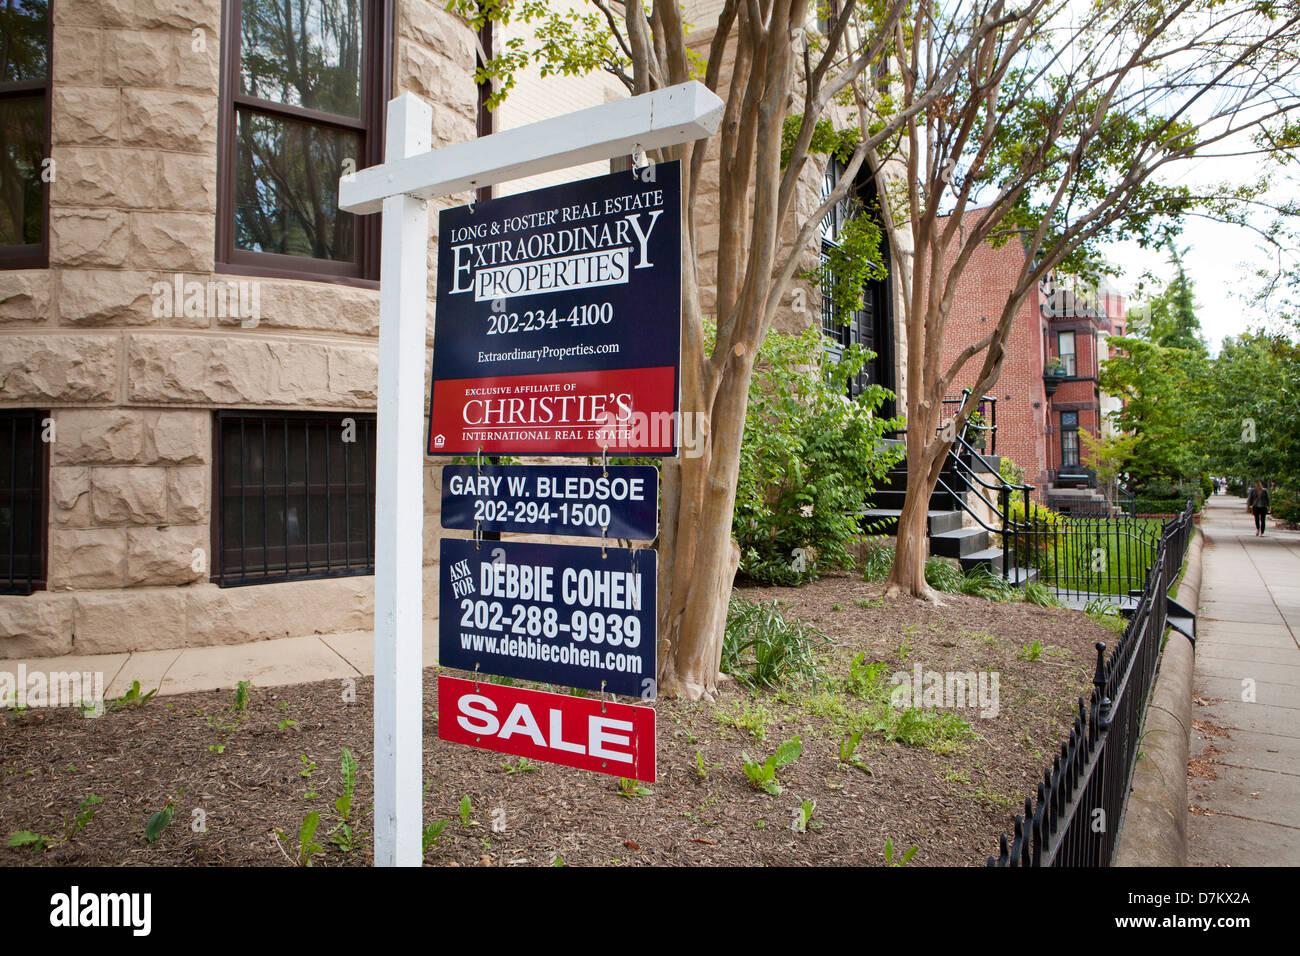 House for sale sign - Washington, DC USA - Stock Image